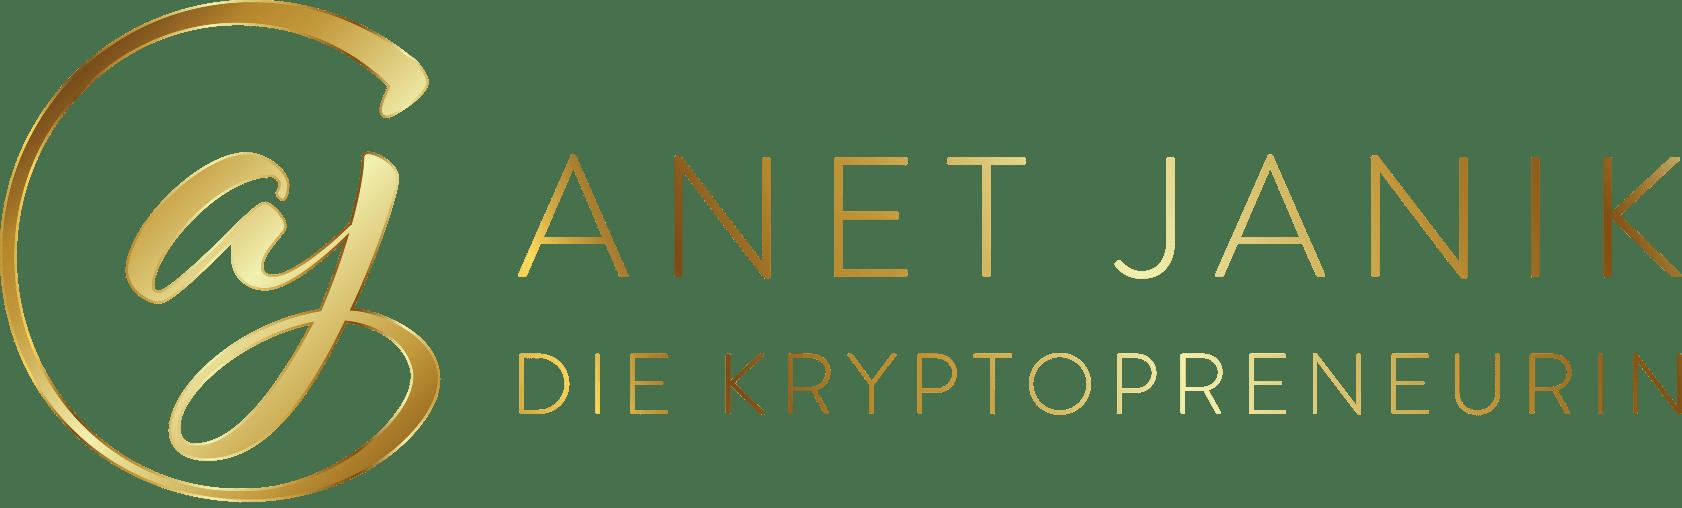 Der Bitcoin-Kurs: 20 Min kostenfreies Strategie-Gespräch